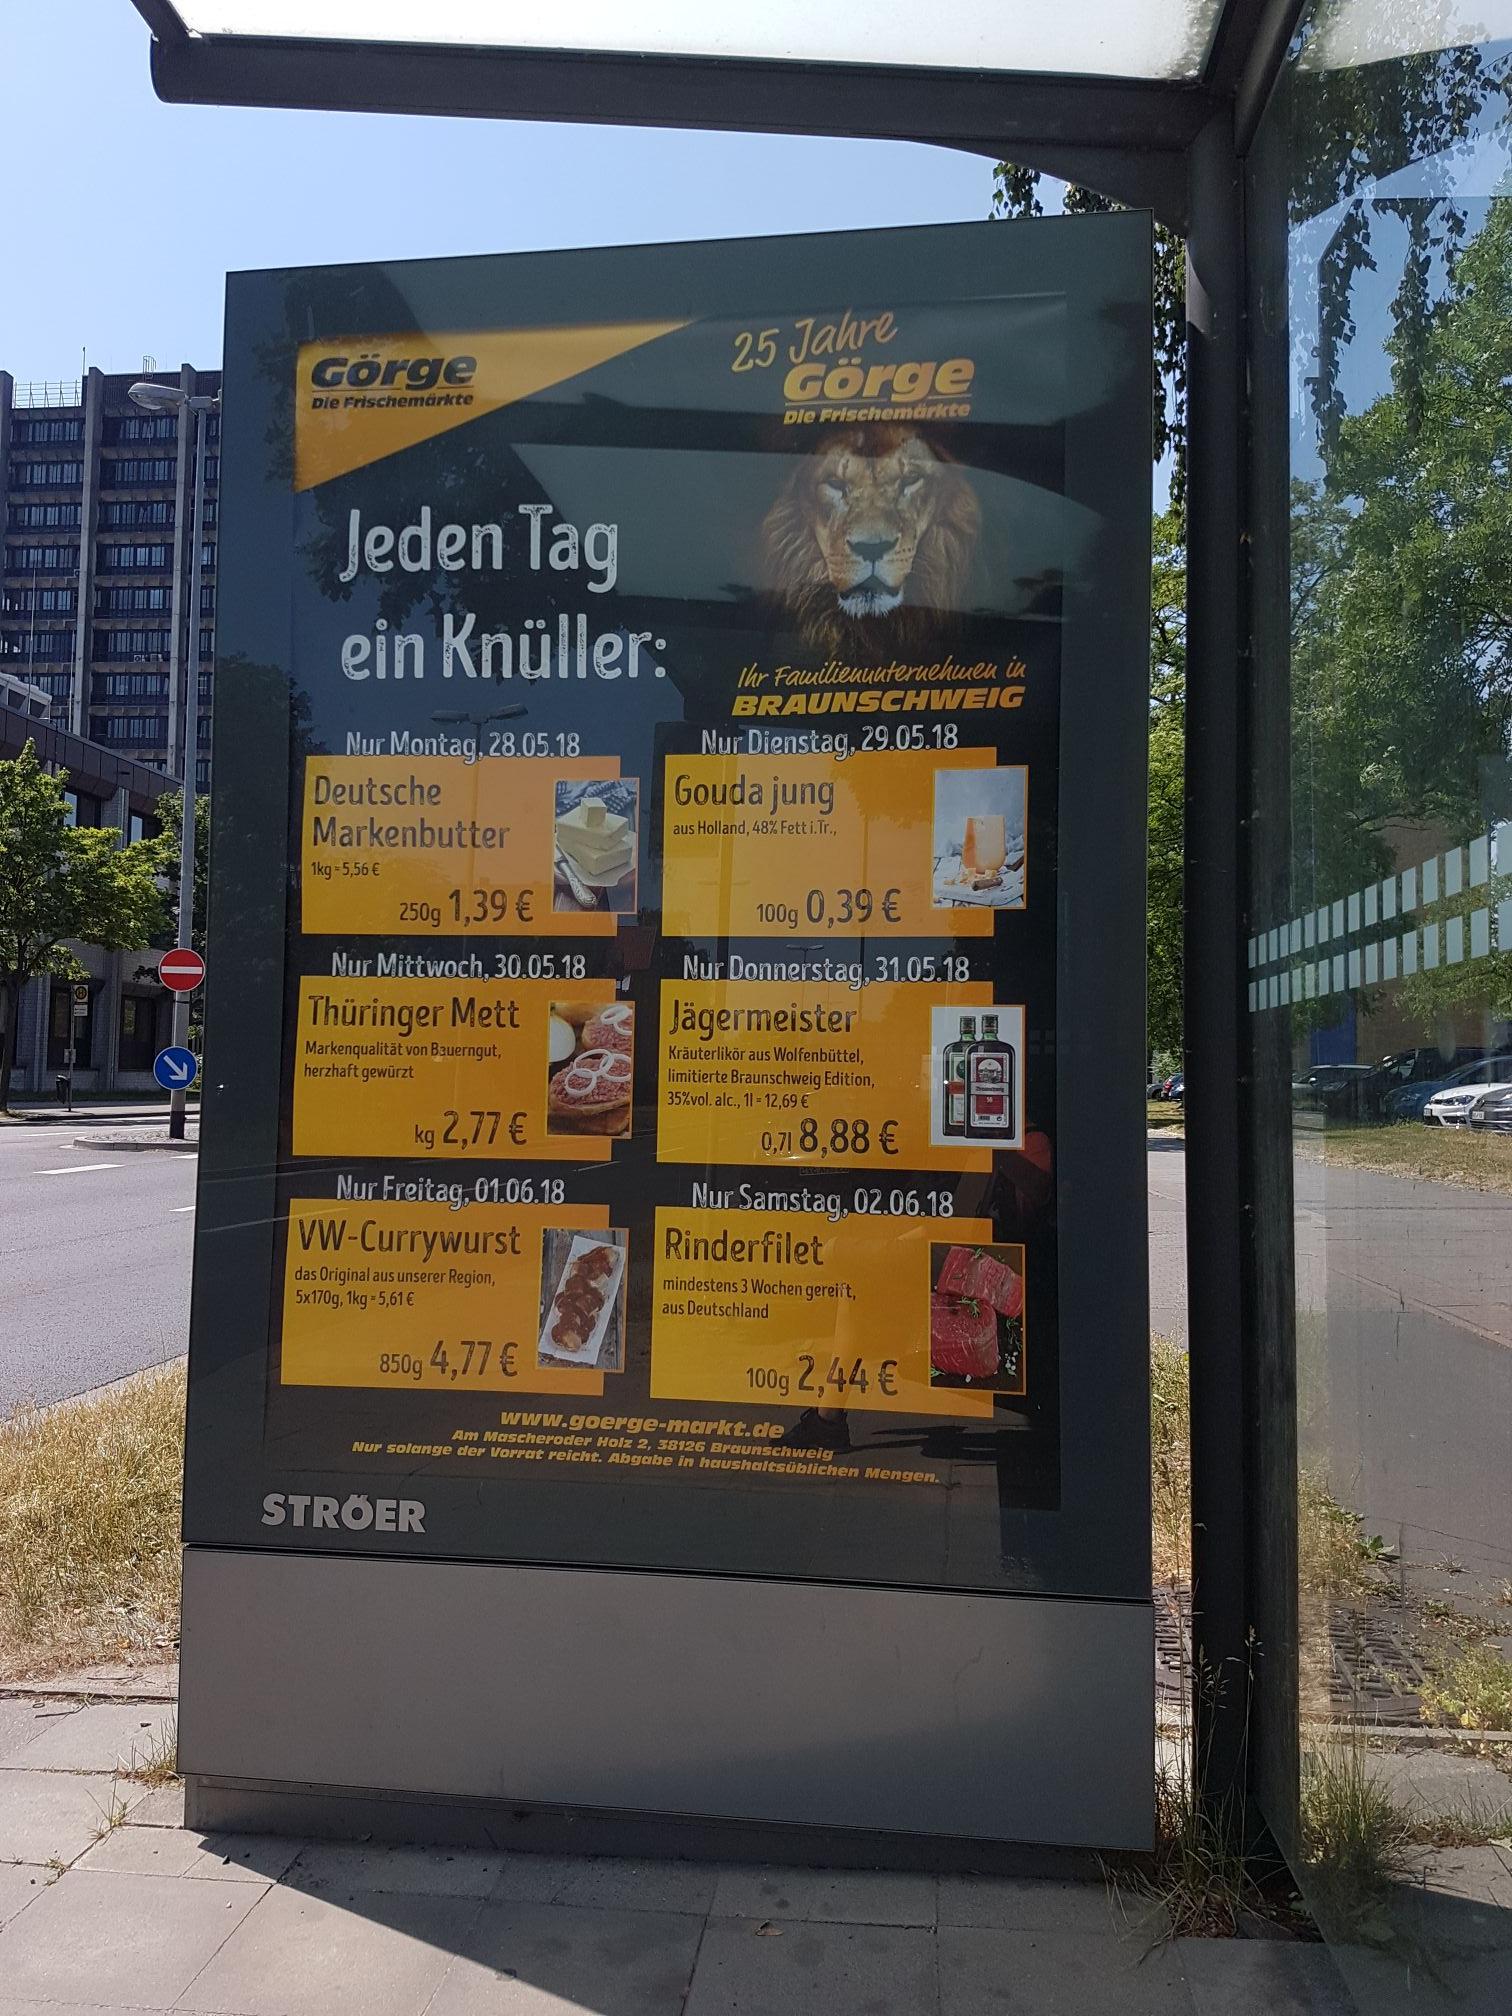 [LOKAL BRAUNSCHWEIG] Jägermeister 0,7l für 8,88€ (auch Braunschweig Special Edition)